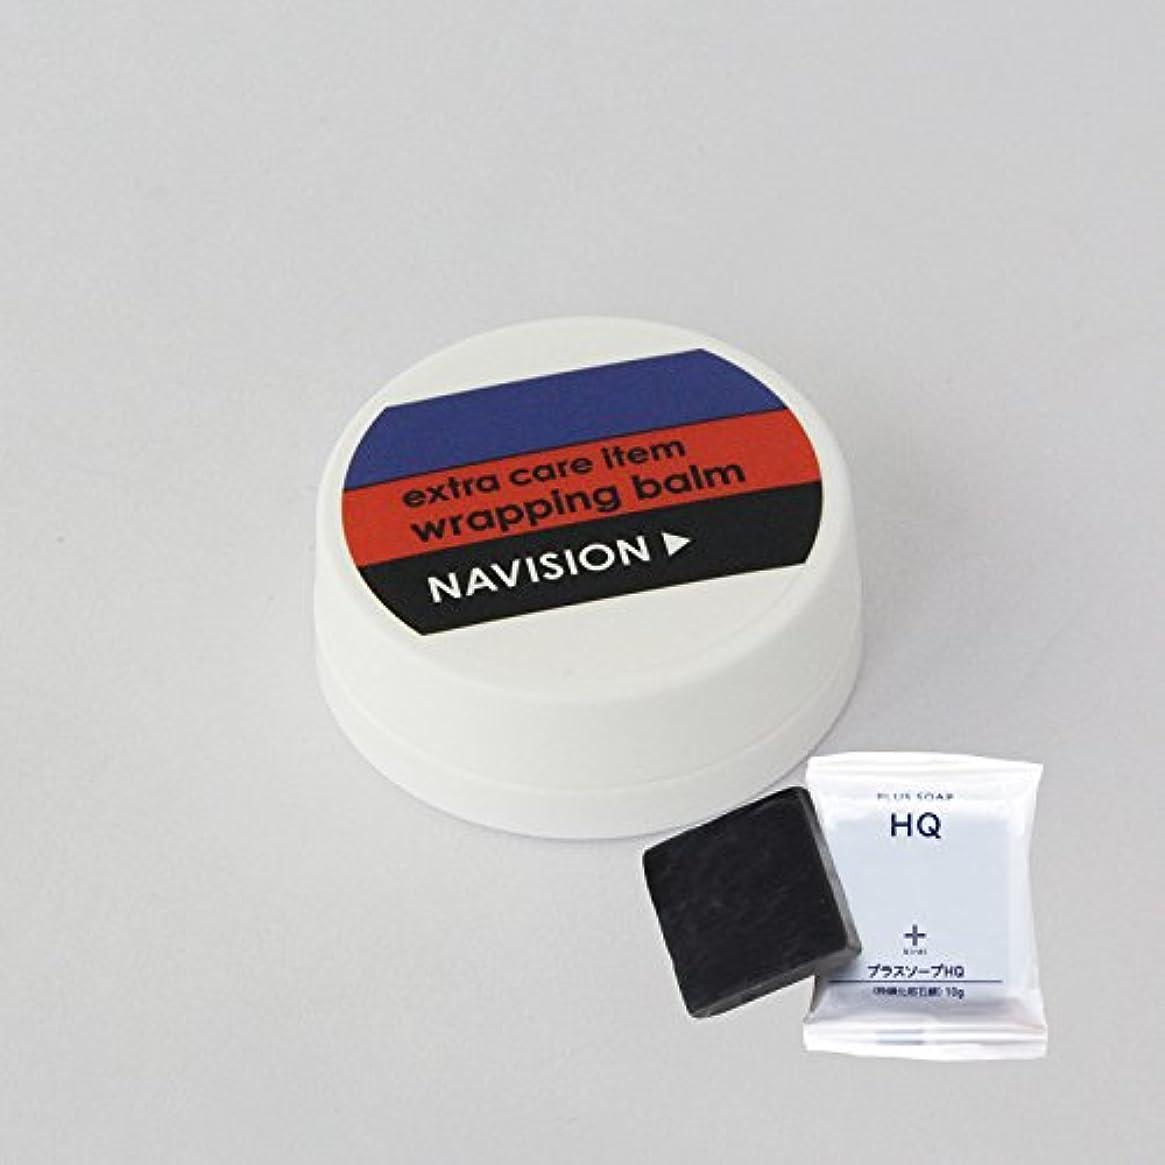 期限自由レイアナビジョン NAVISION ラッピングバーム 5g + プラスキレイ プラスソープHQミニ